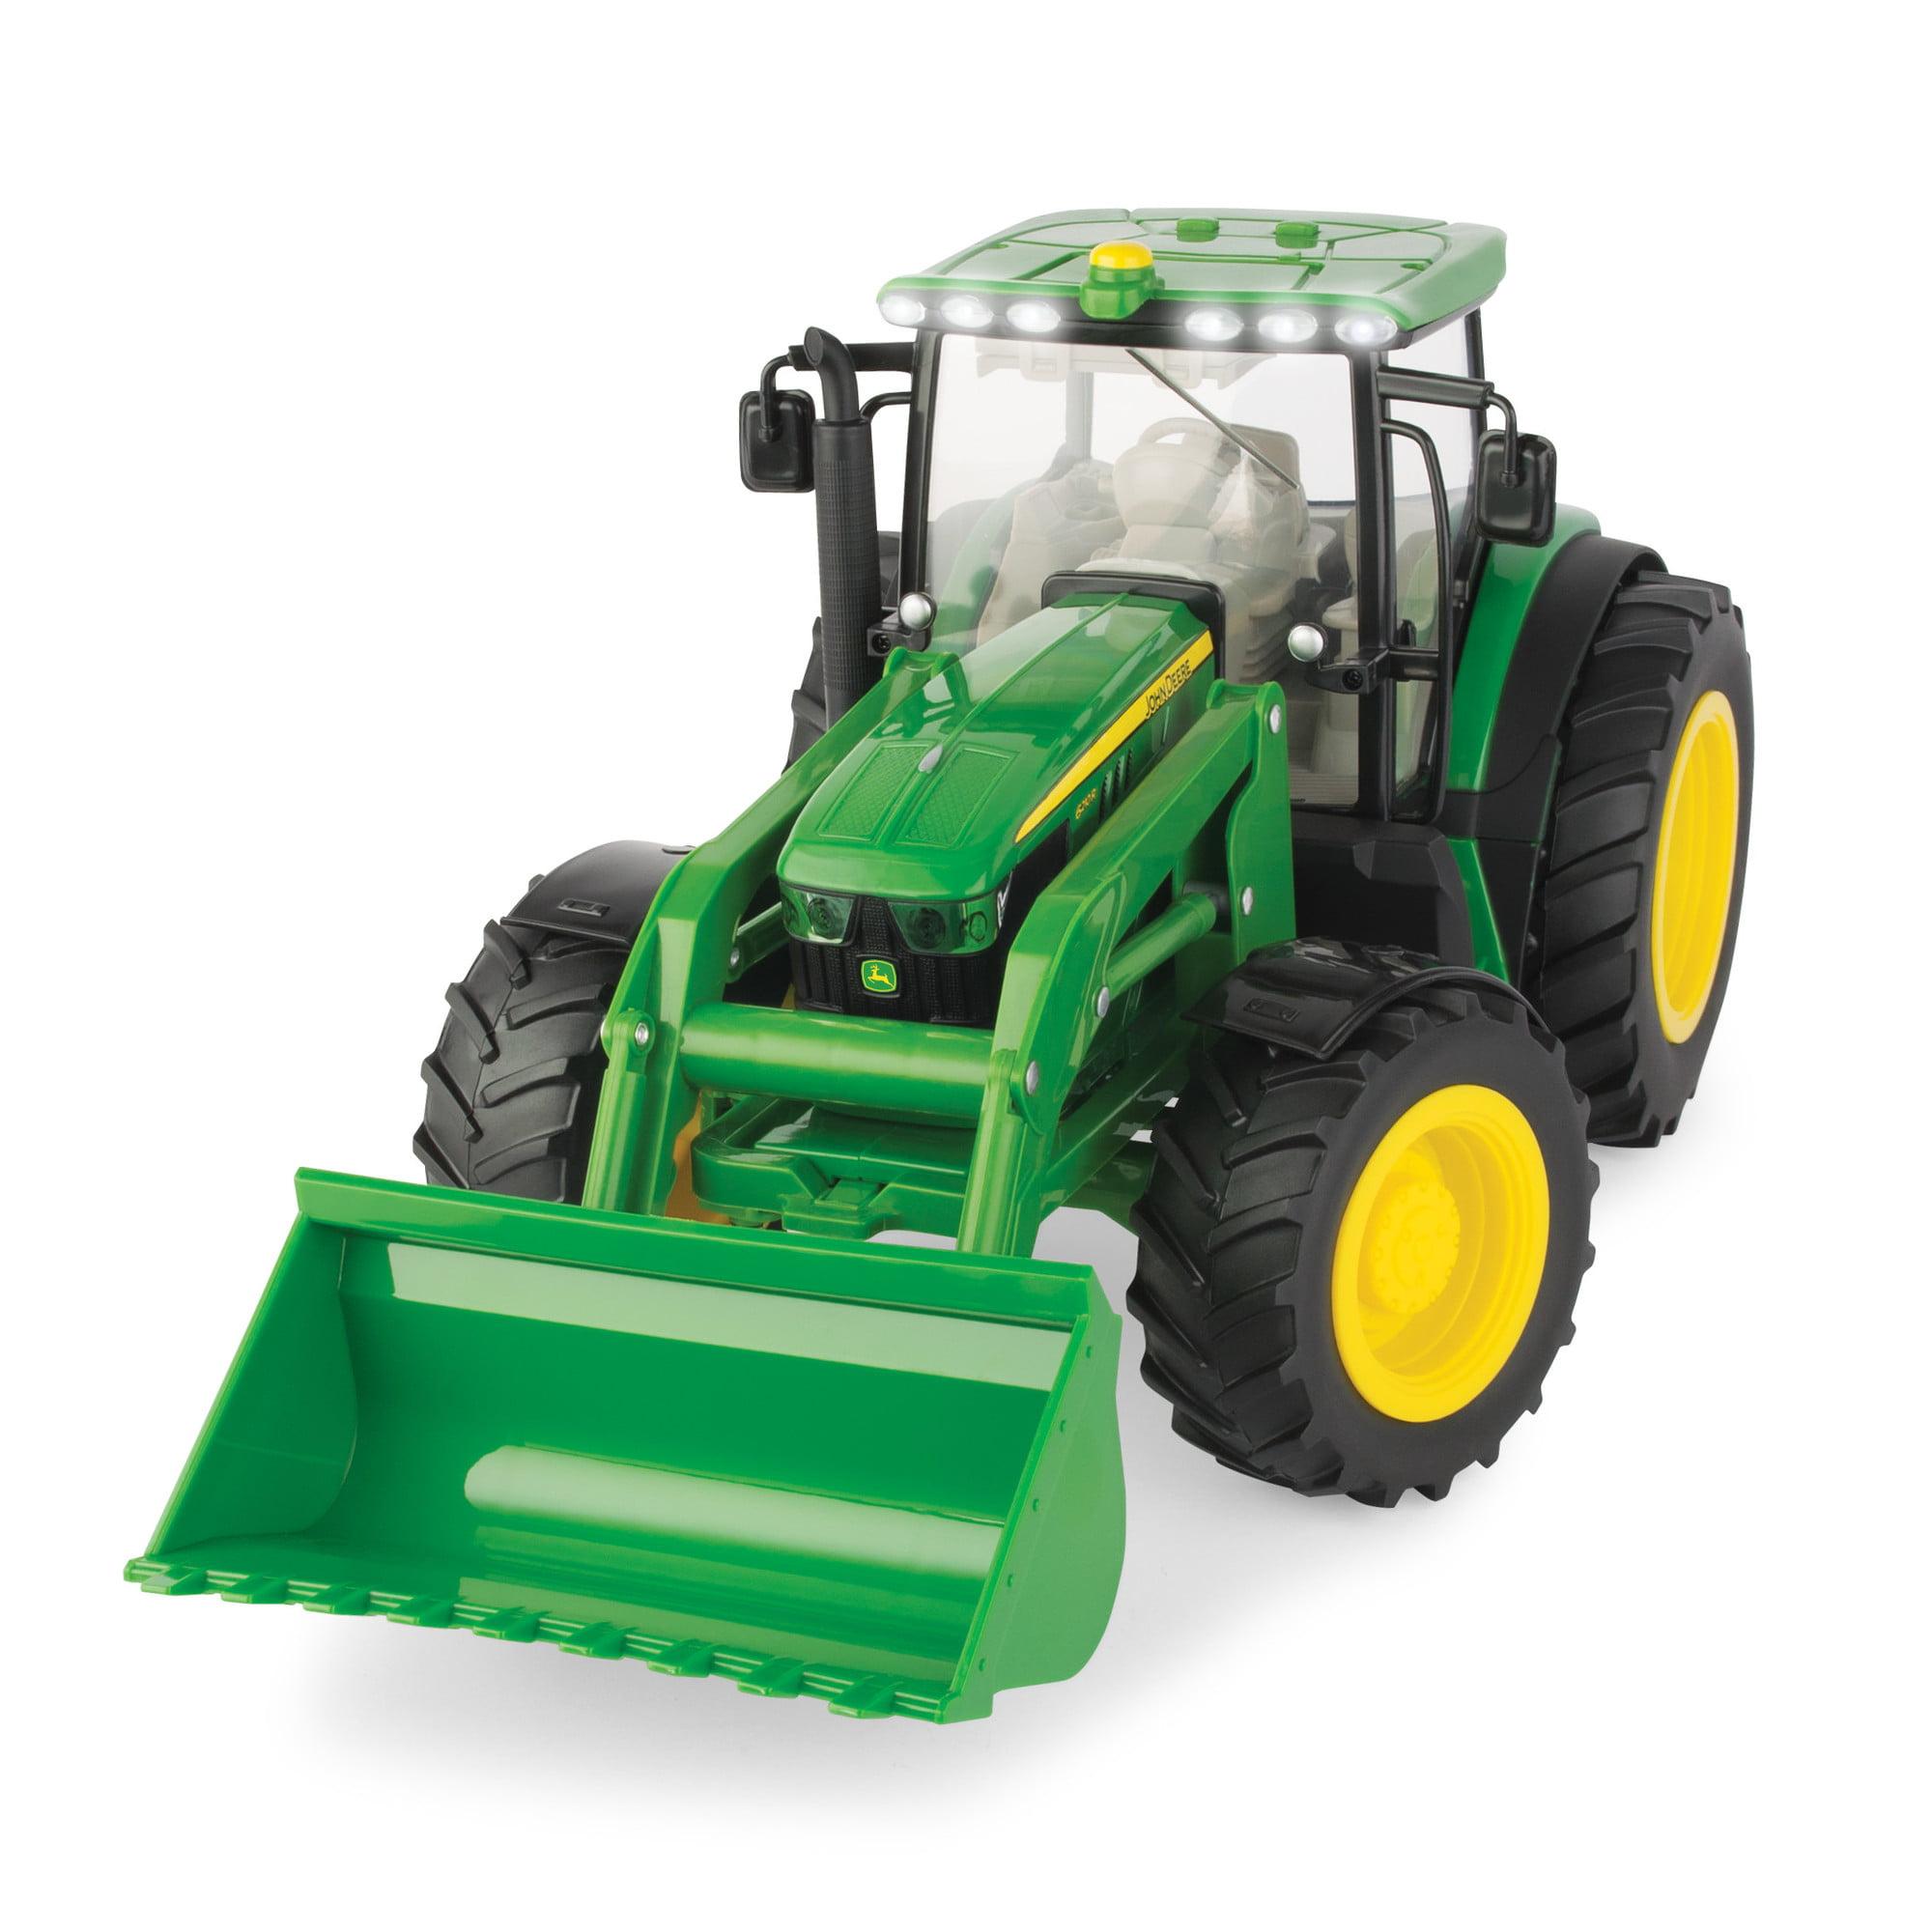 1:16 John Deere 6210R Big Farm Tractor by Tomy Inc